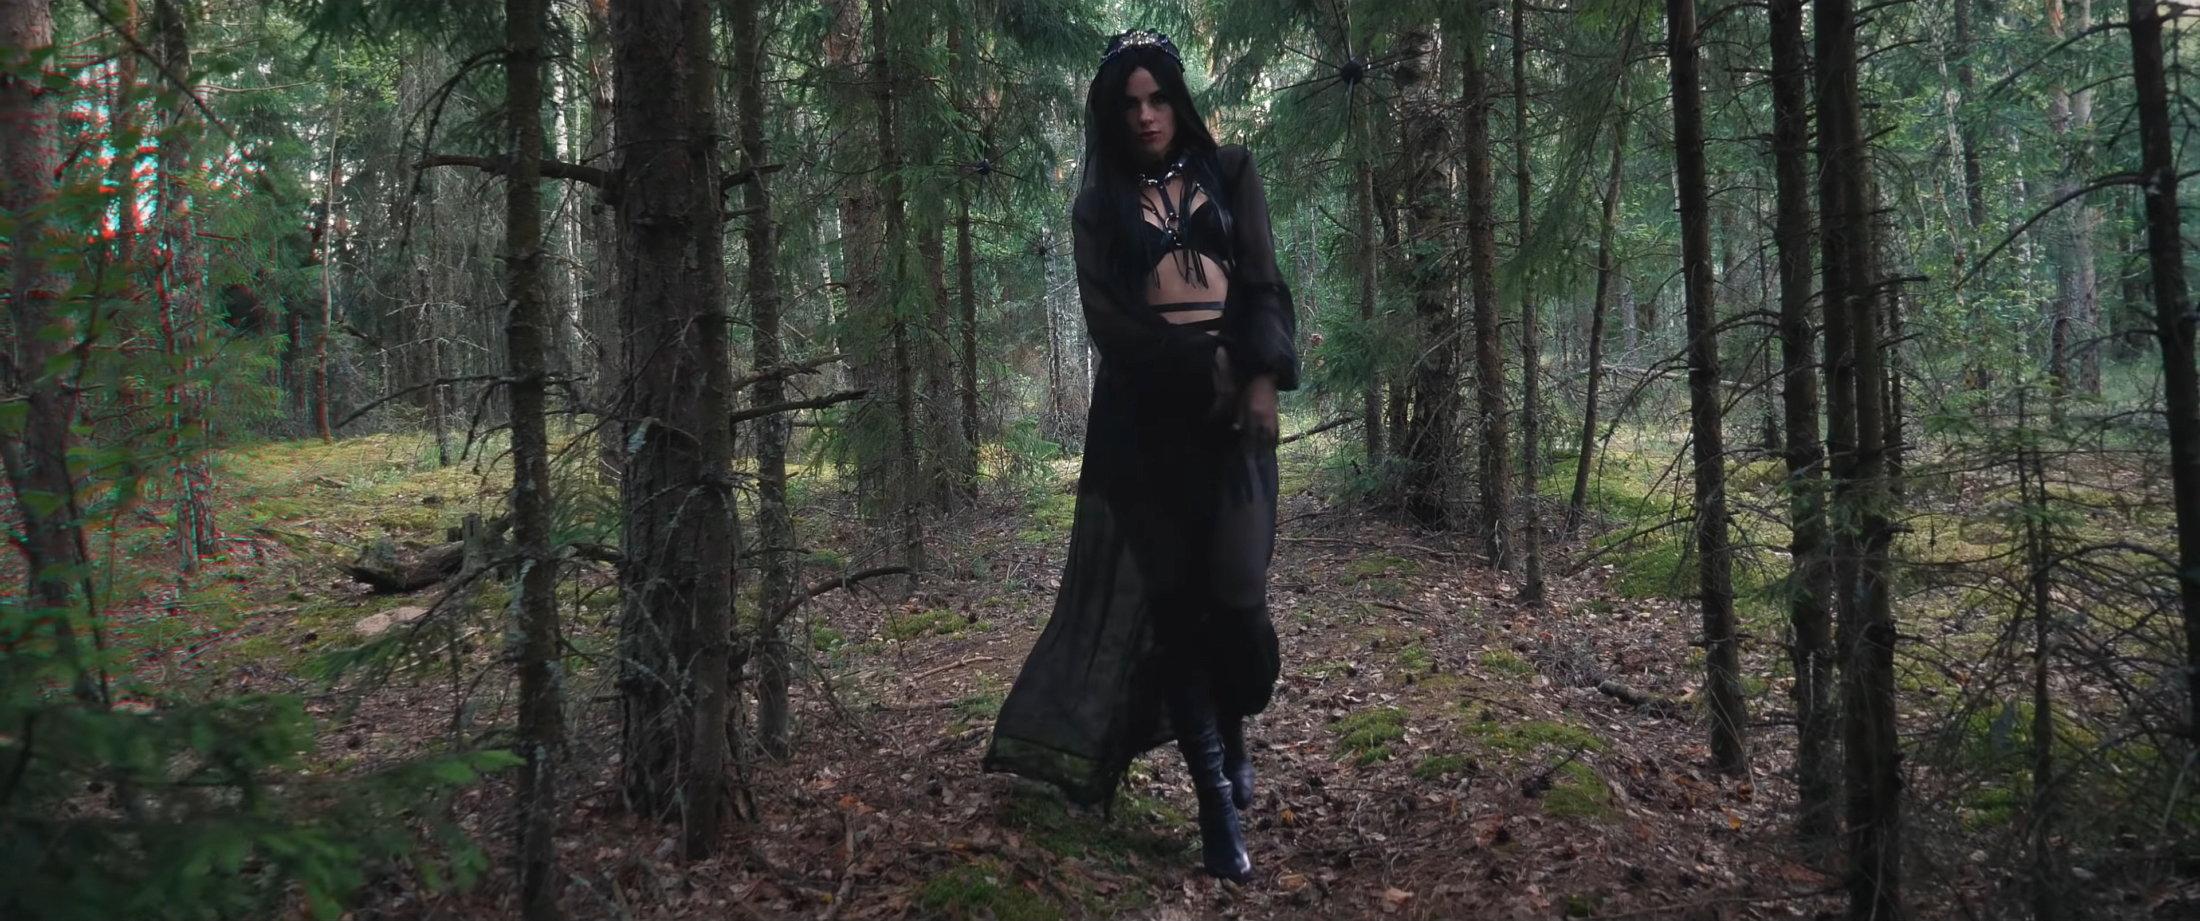 OMNIMAR - Feels Like Velvet (Official Video) 1-37 Screenshot